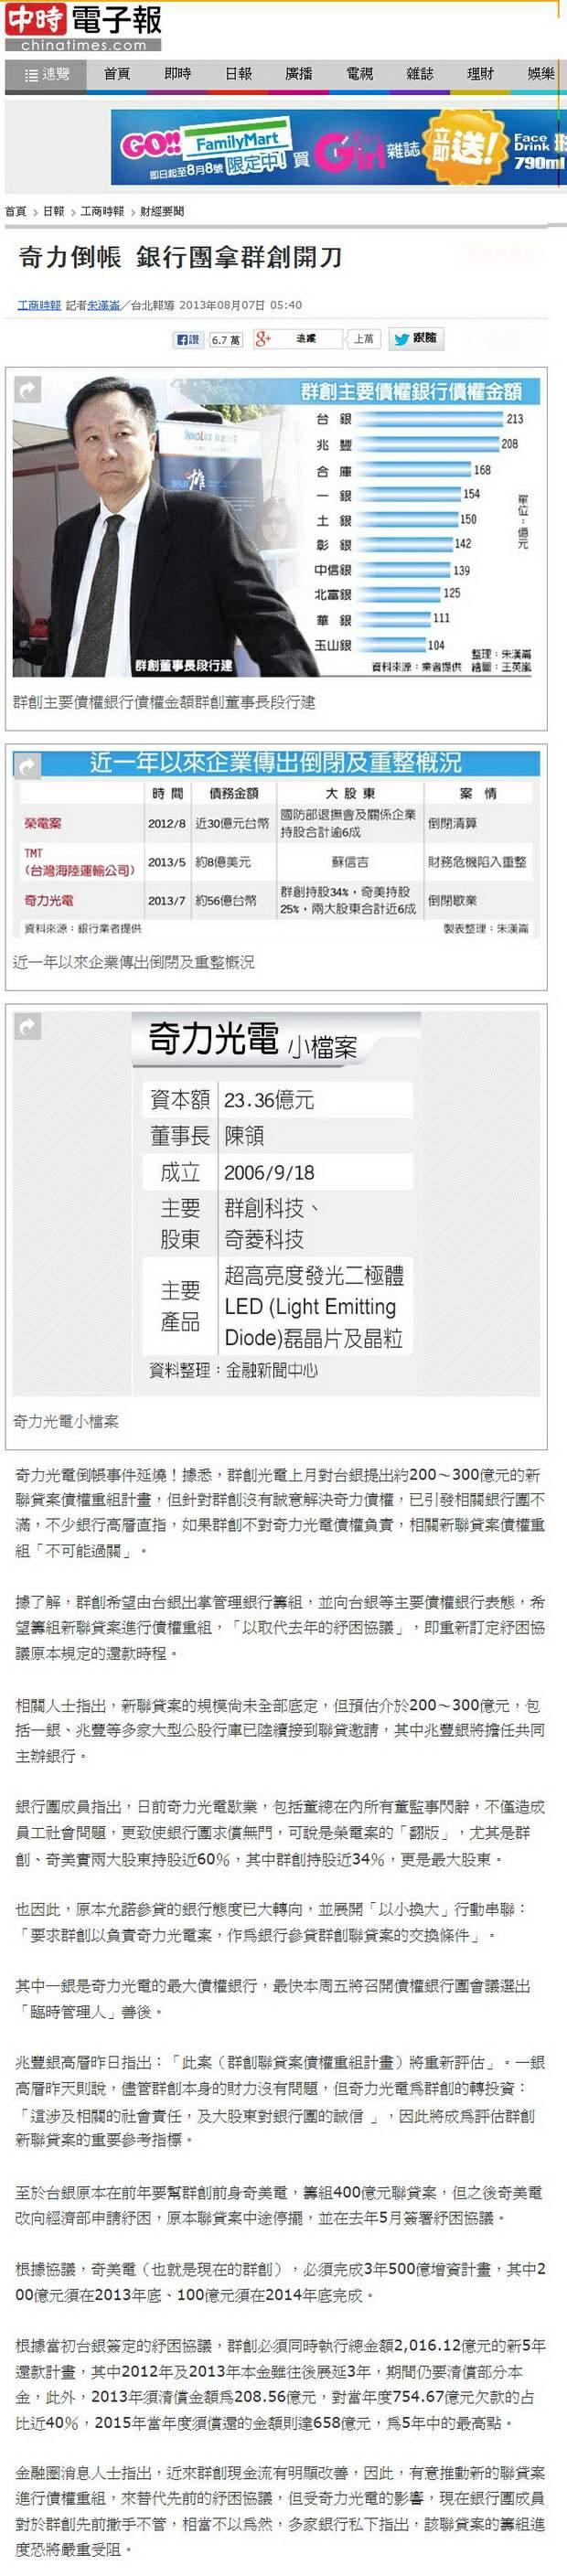 奇力倒帳 銀行團拿群創開刀-2013.08.07.jpg